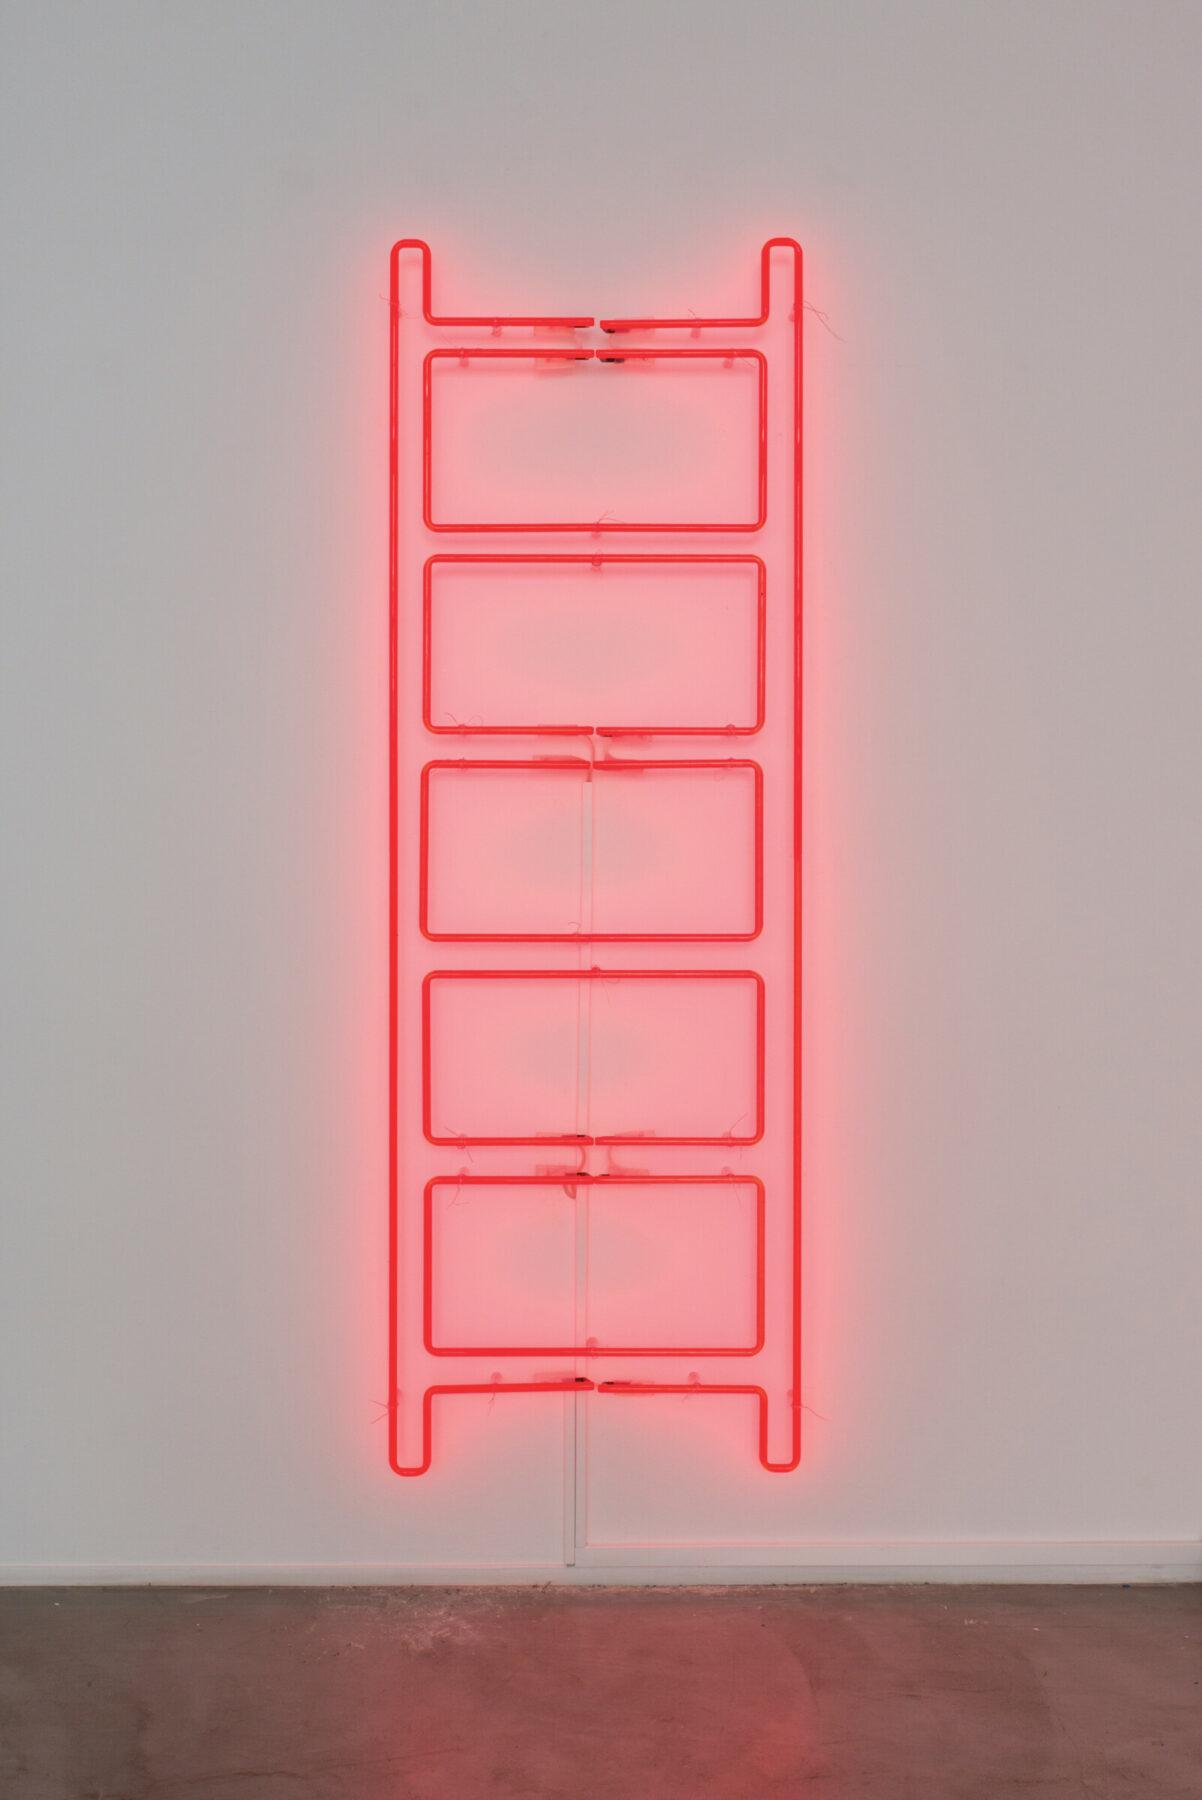 """Iván Navarro, """"Emergency Ladder"""" (2018)"""